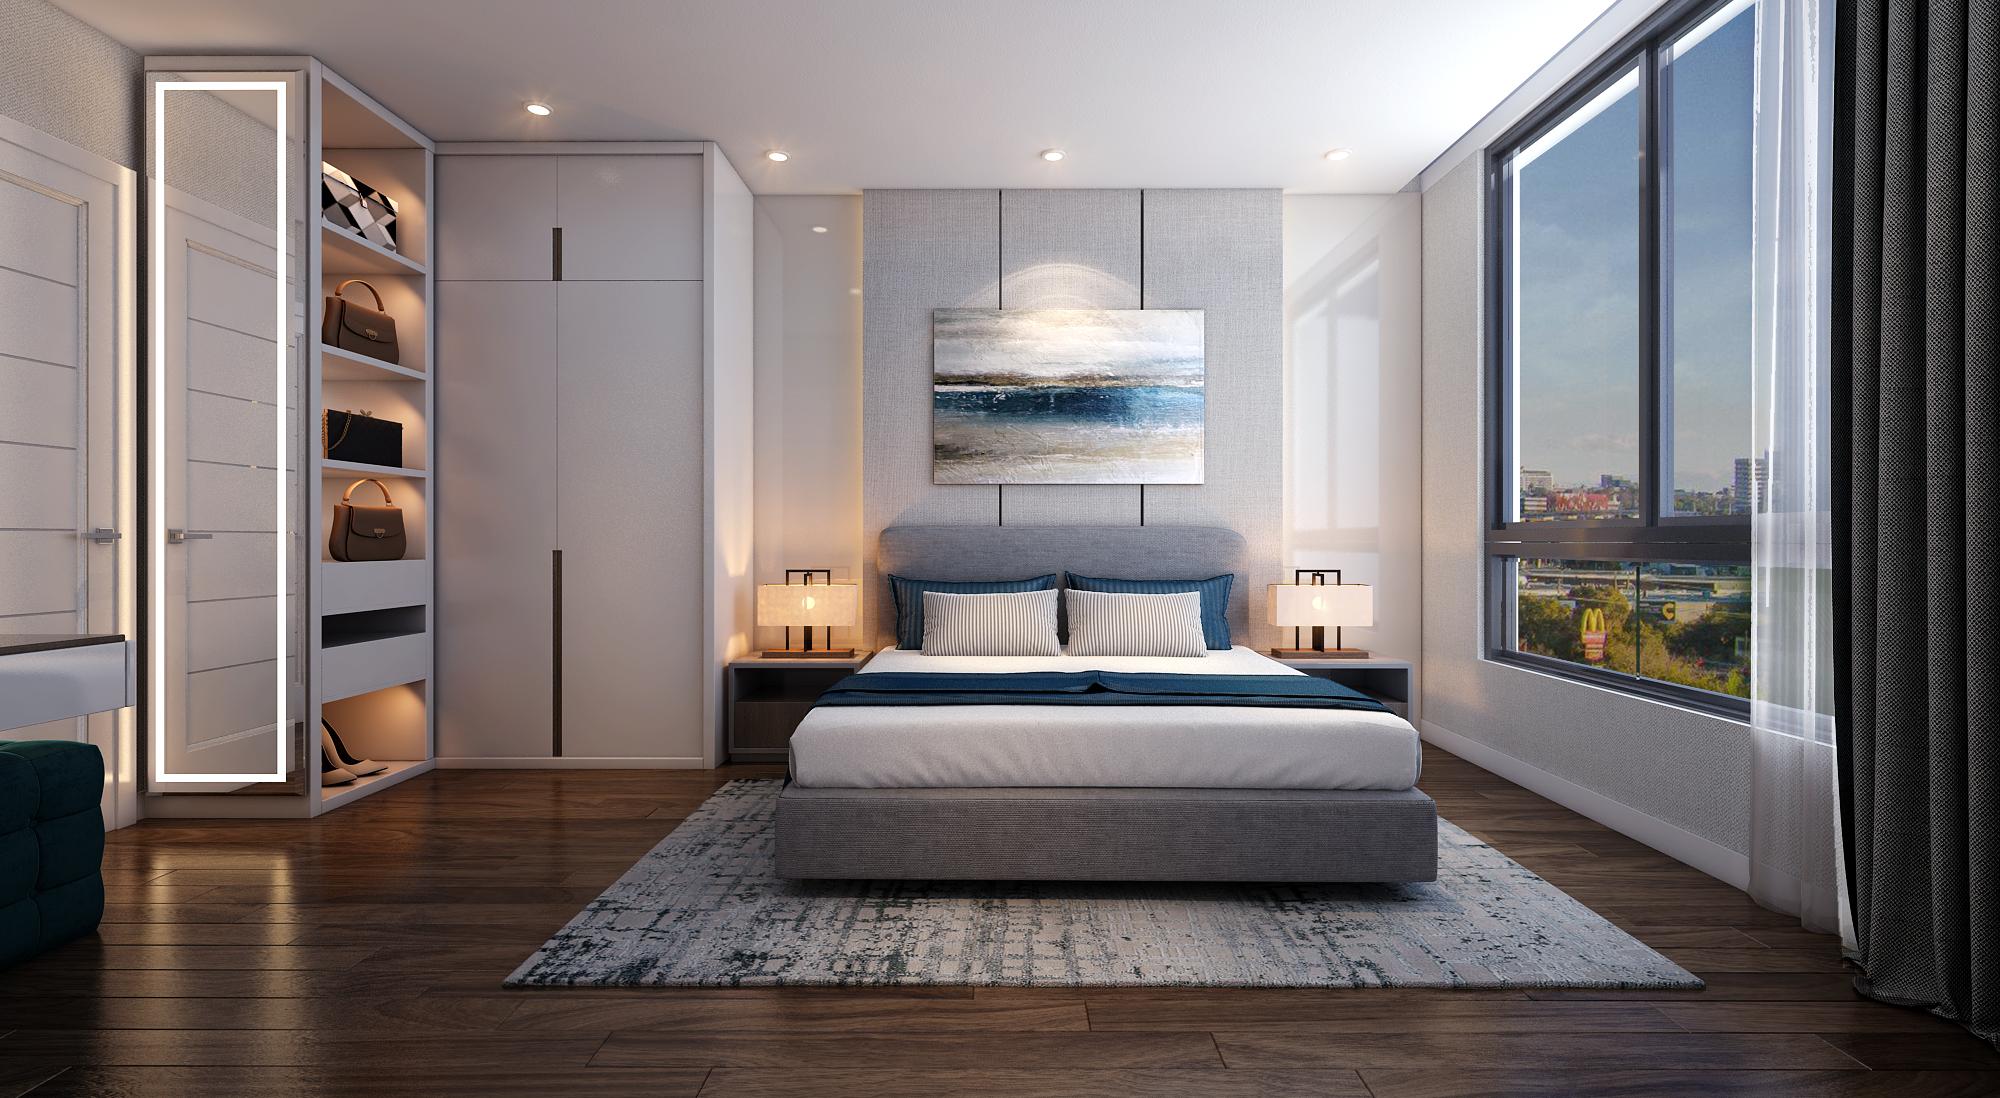 Phòng Ngủ được bố trí rất hiện đại, mọi không gian đều được tận dụng để không còn khoảng thừa - Khang Điền HCM